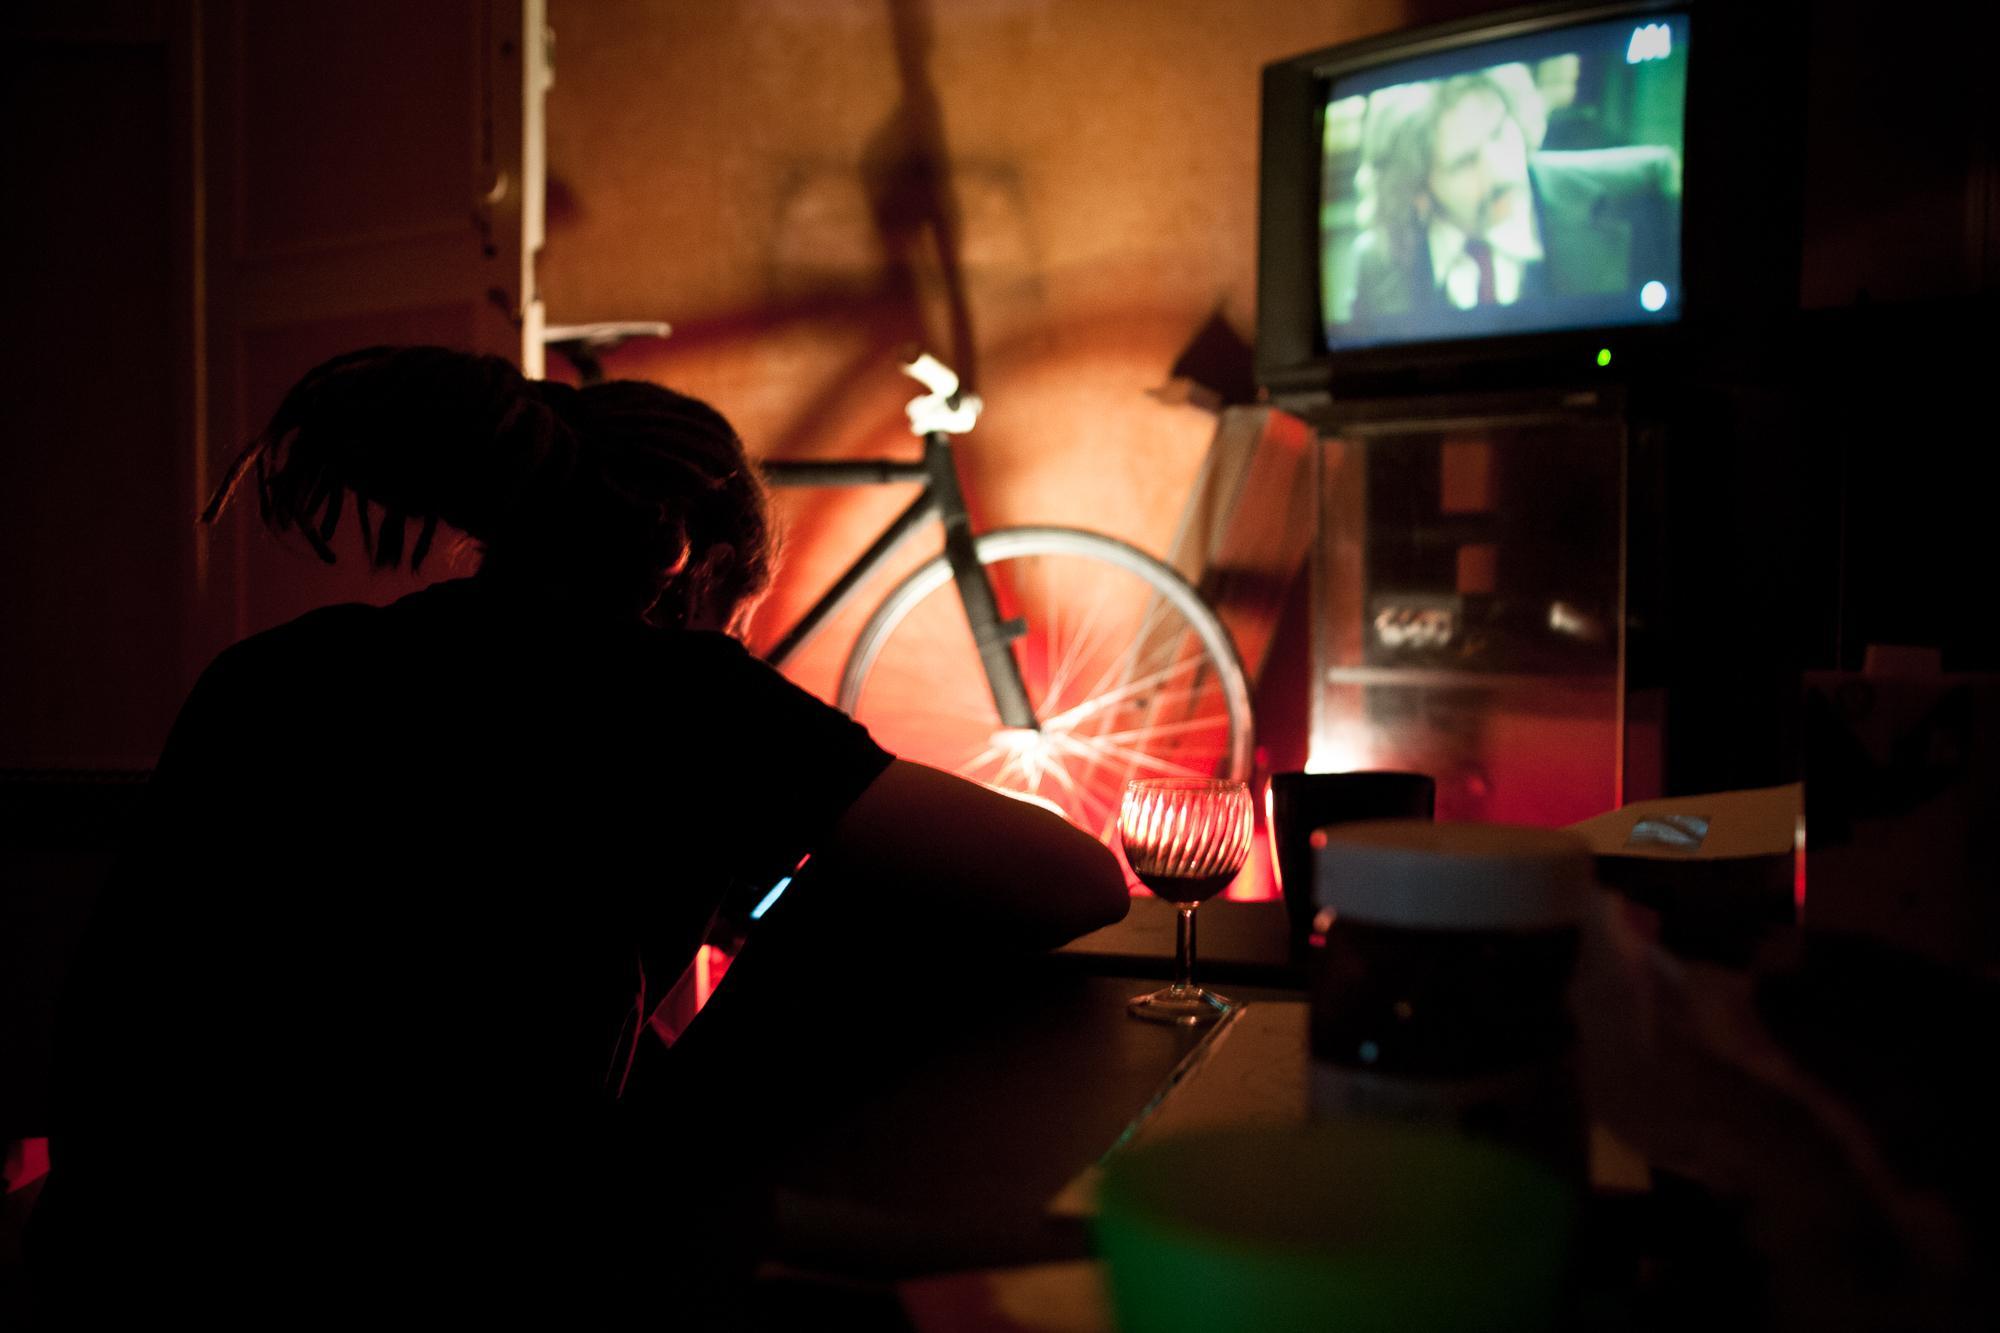 Inside the Mabo squat. In his room, Bobby plays on his phone wile watching TV. Dans le squat du Mabo. Dans sa chambre, Bobby joue sur son téléphone en regardant la télévision.